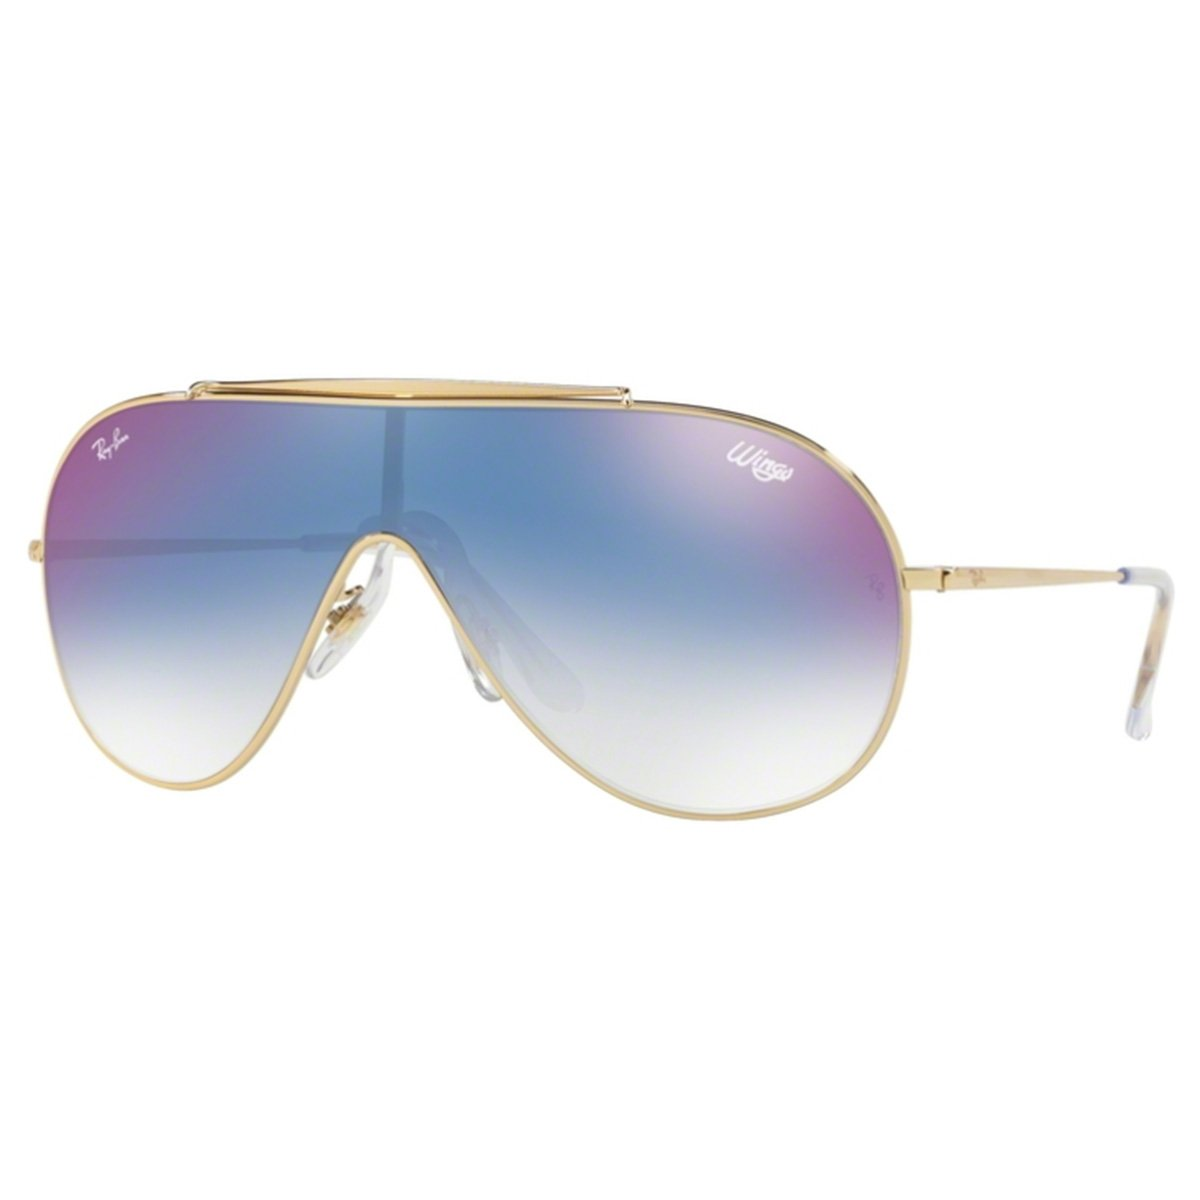 Compre Óculos de Sol Ray Ban Wings em 10X   Tri-Jóia Shop 1174367c81